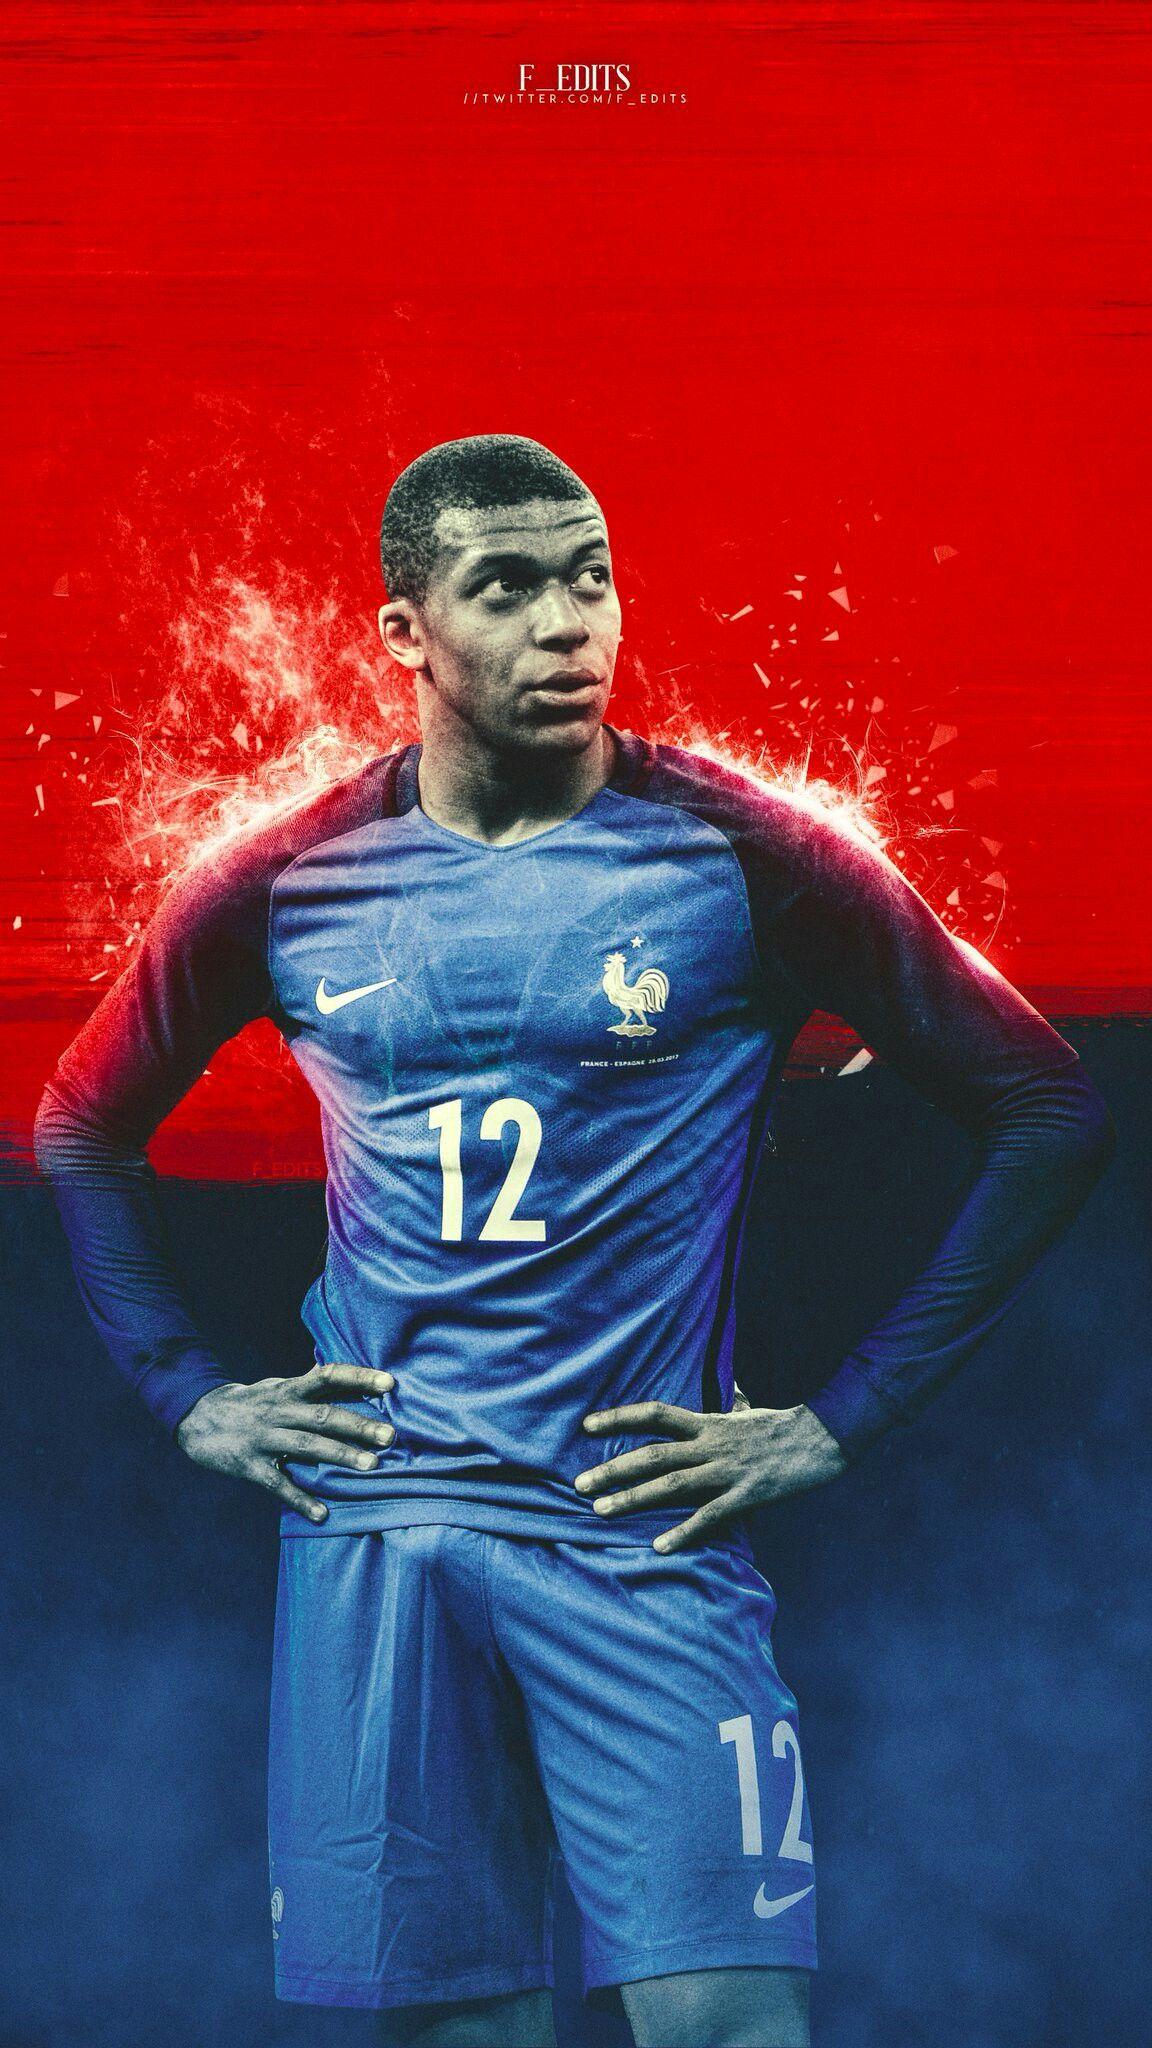 Kylian Mbappé France Best Football Players 4baa79c17